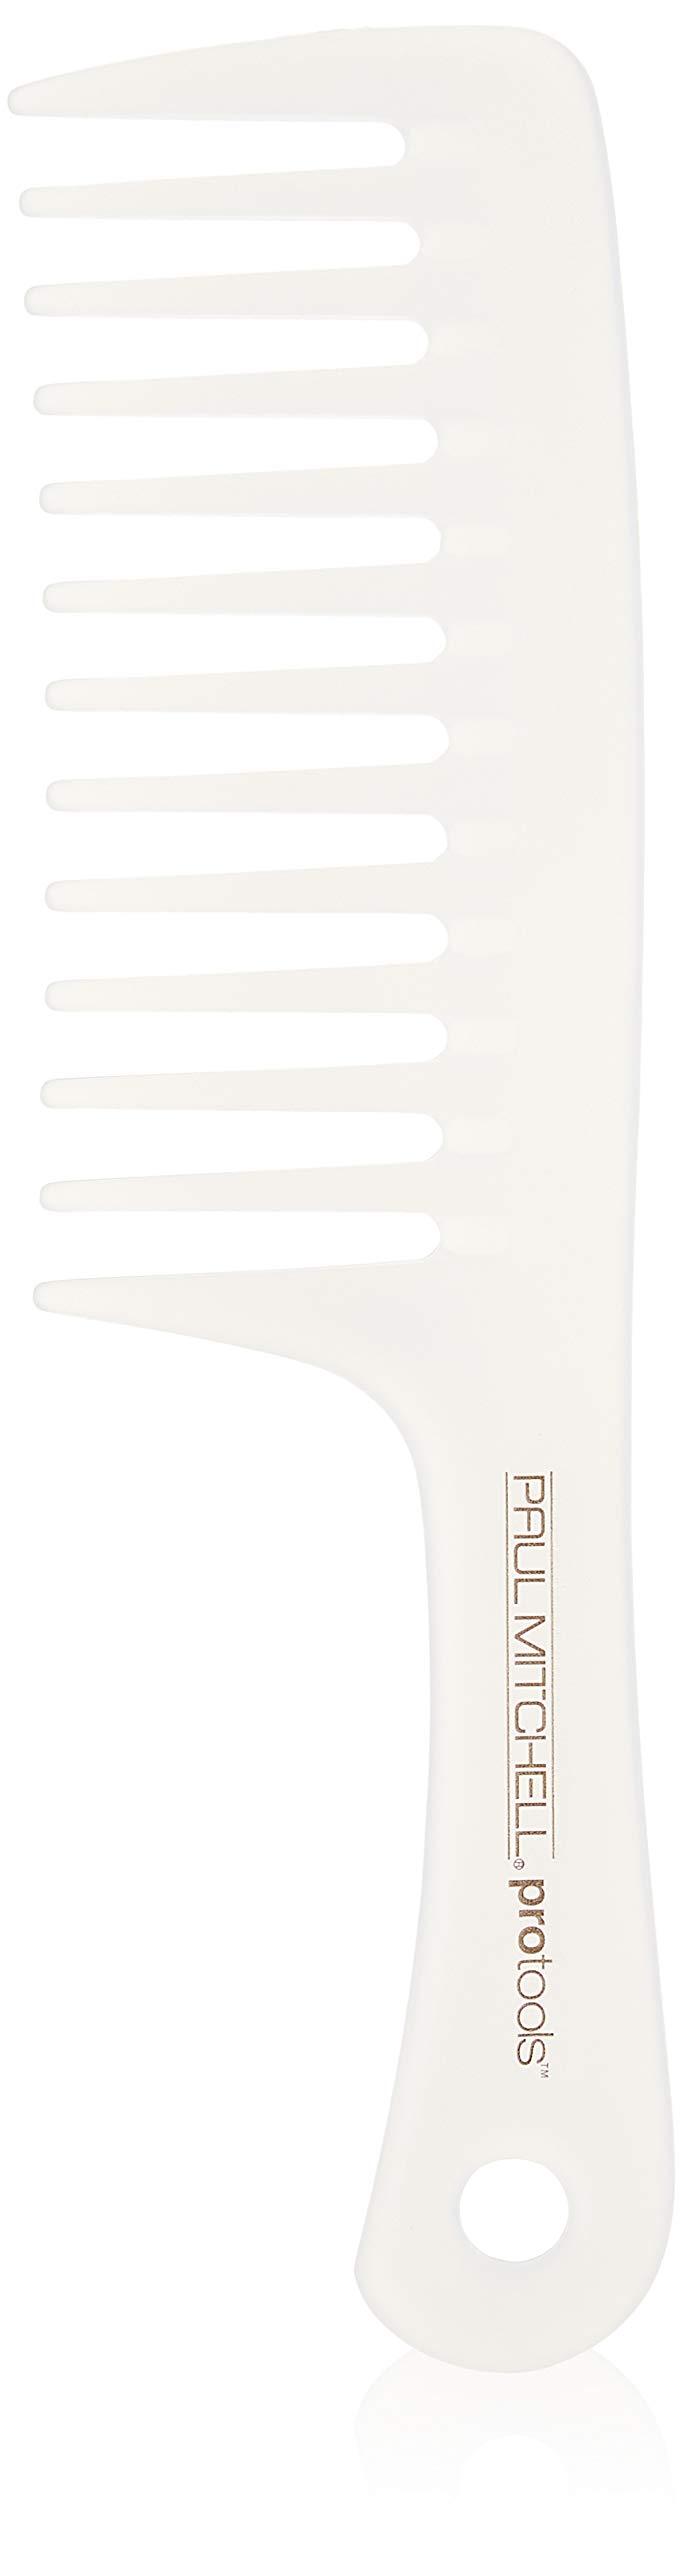 Paul Mitchell Pro Tools Detangler Comb